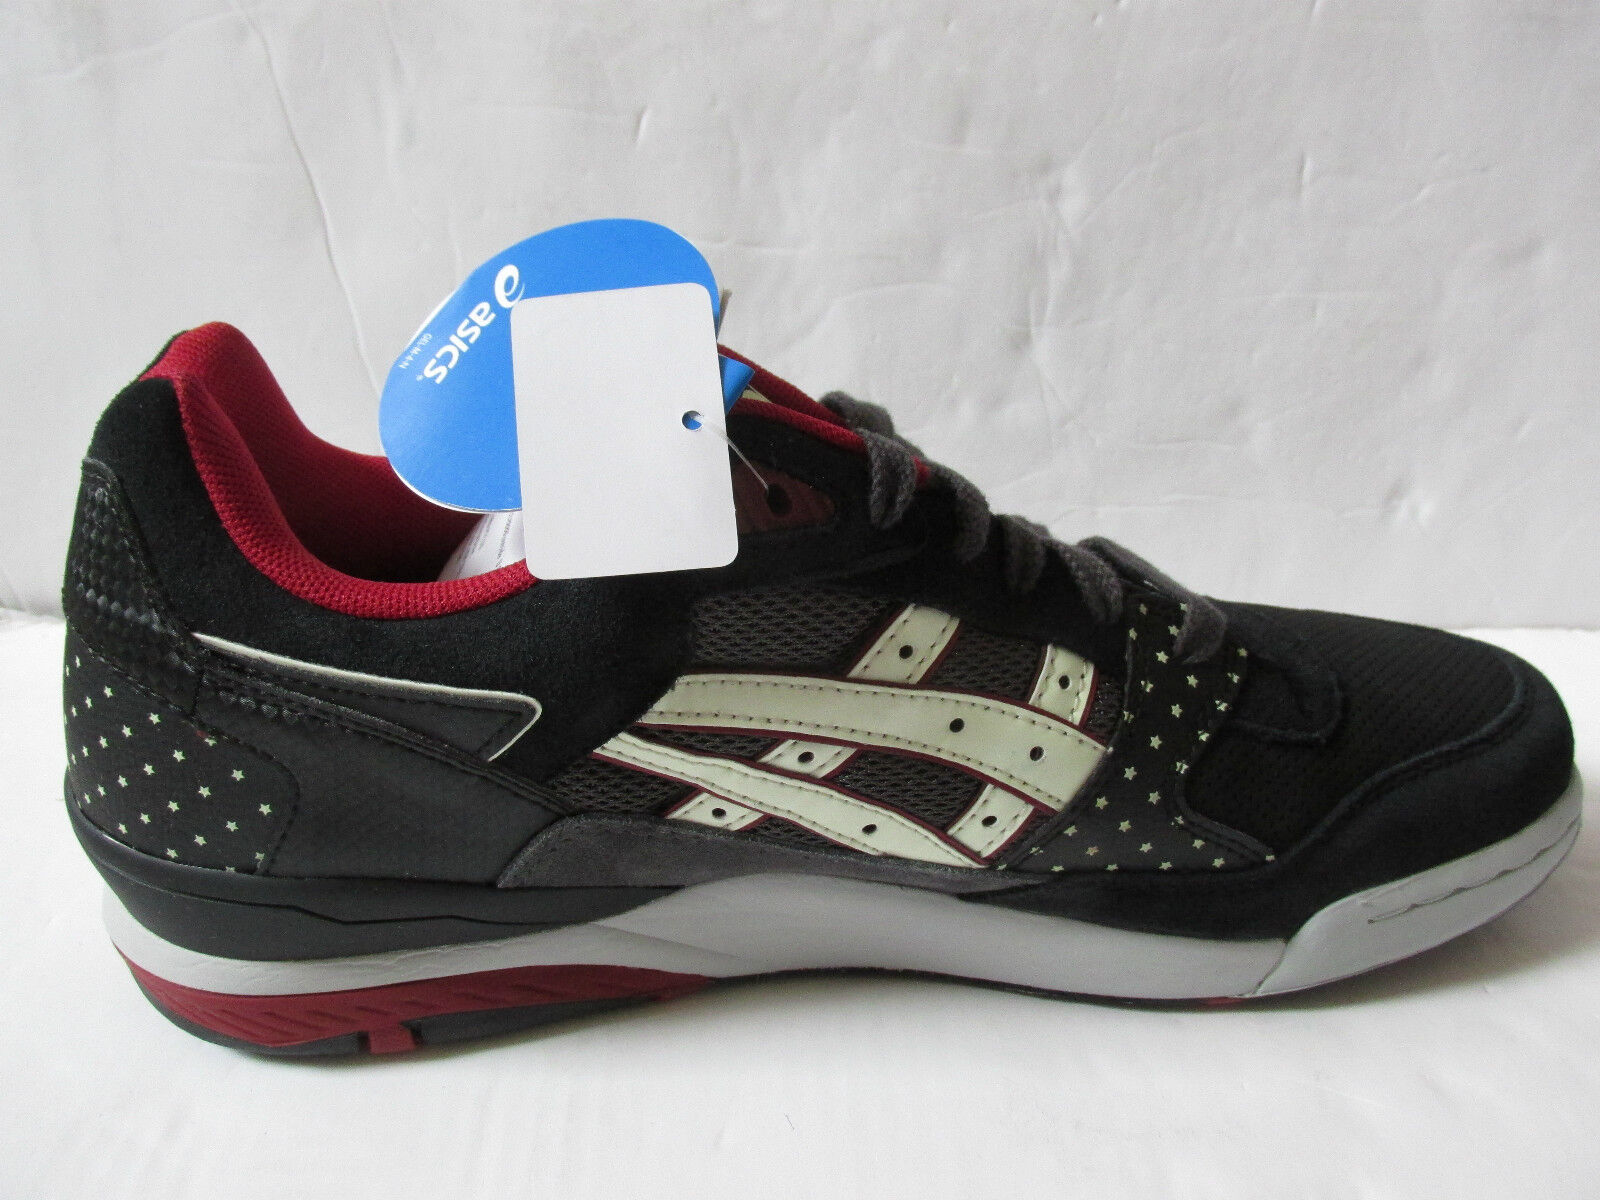 Asics GT-Quick Baskets 9007 Homme H443L 9007 Baskets Baskets Chaussures 4c9d3c